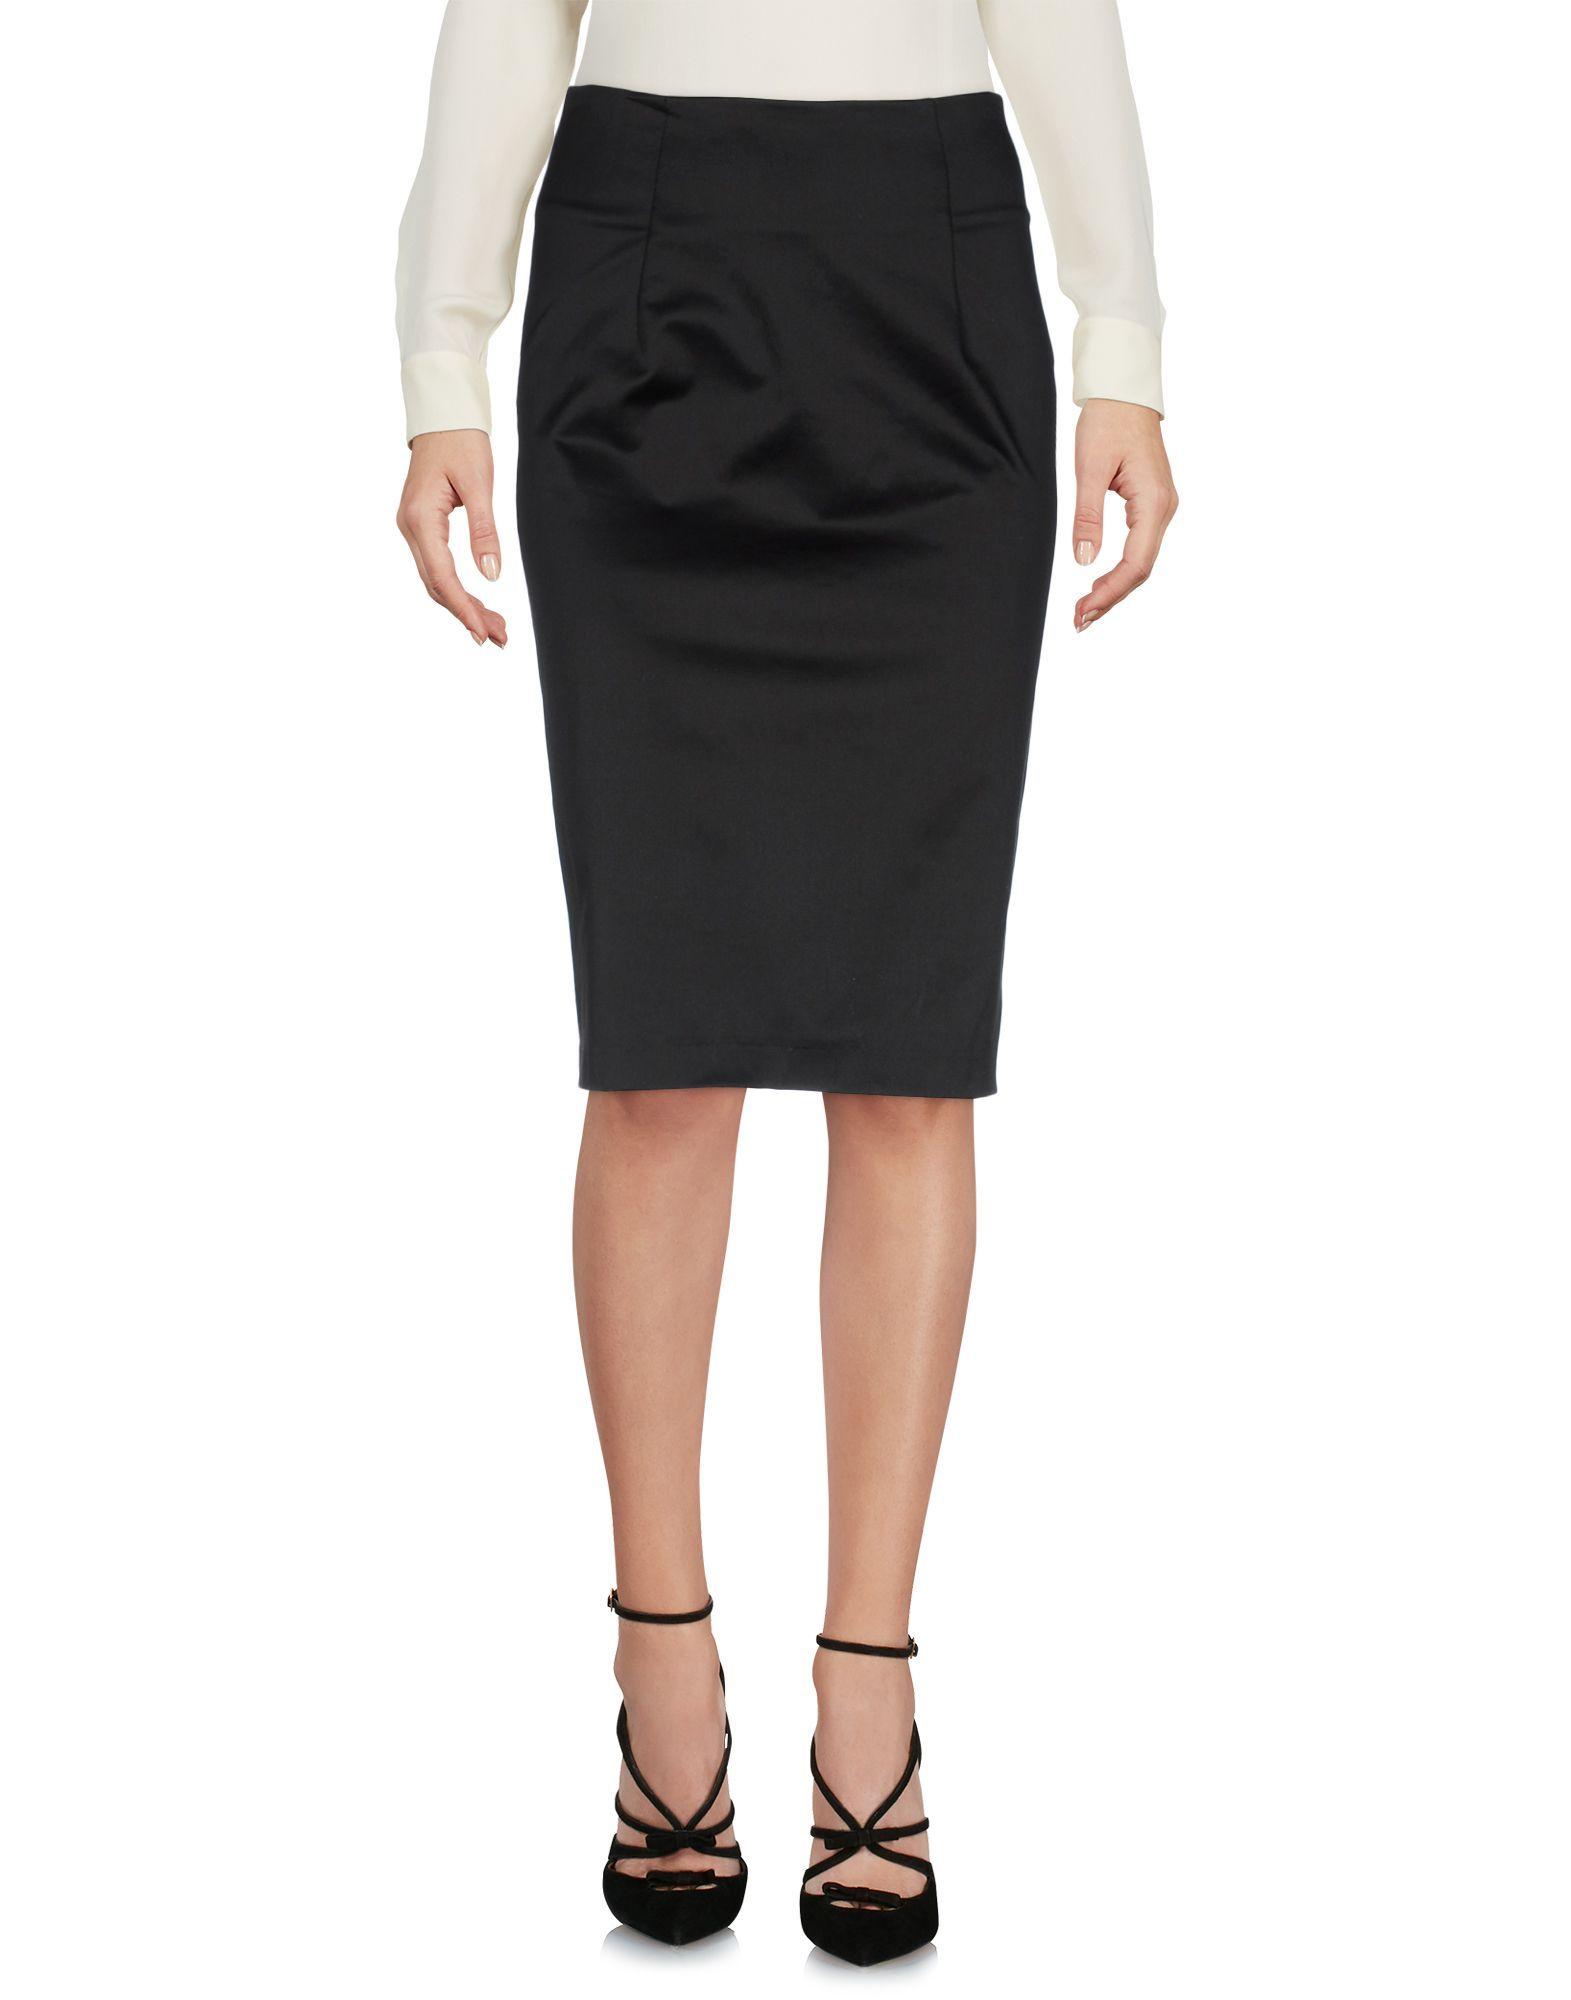 Annarita N Black Skirt